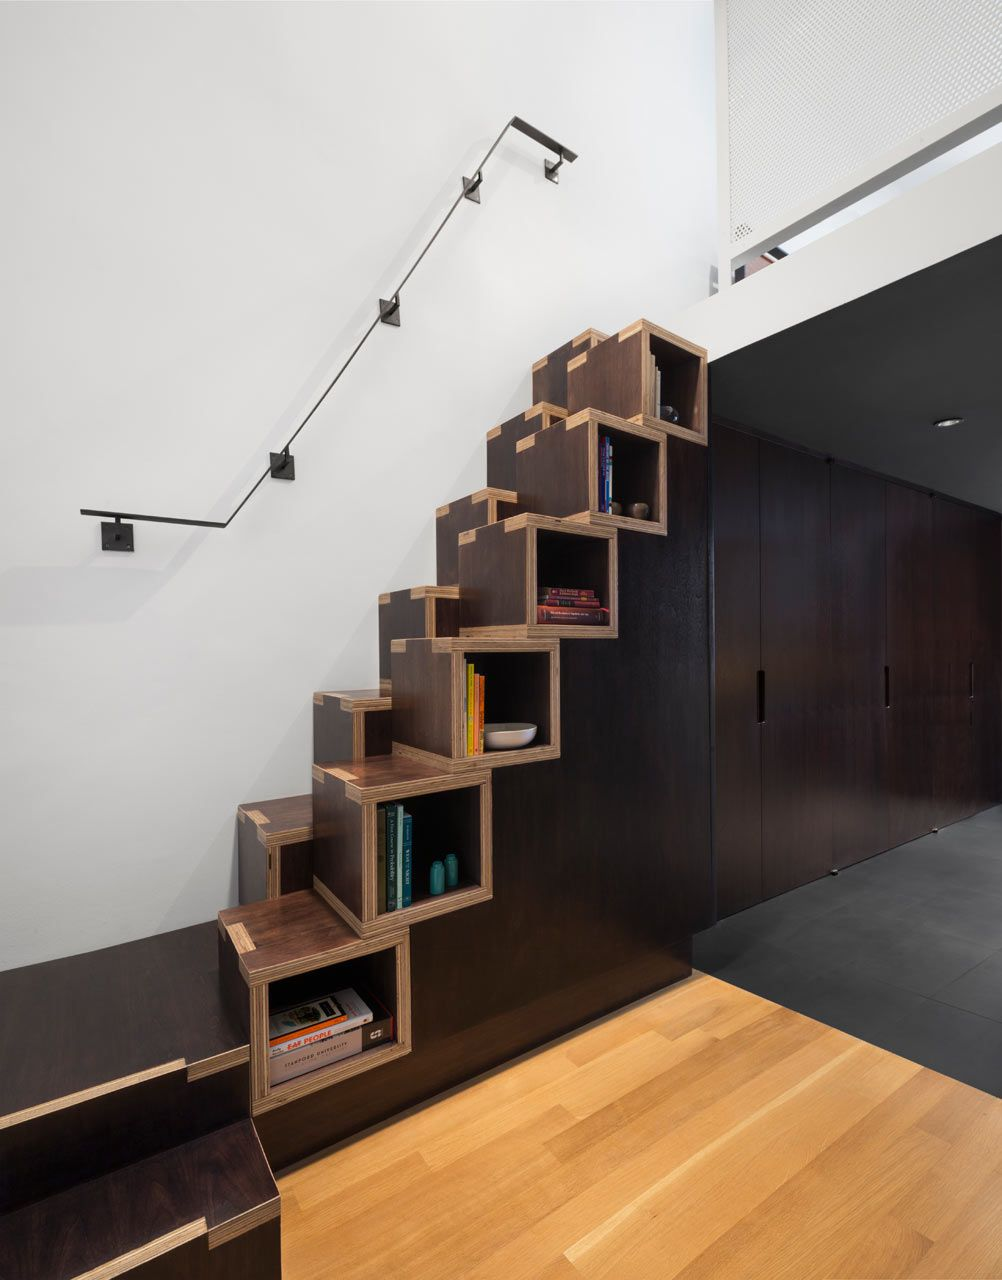 Treppe Und Regal In Einem Möbel Kanten Der Sperrholzelemente Sind Ins Design Mit Einbezogen